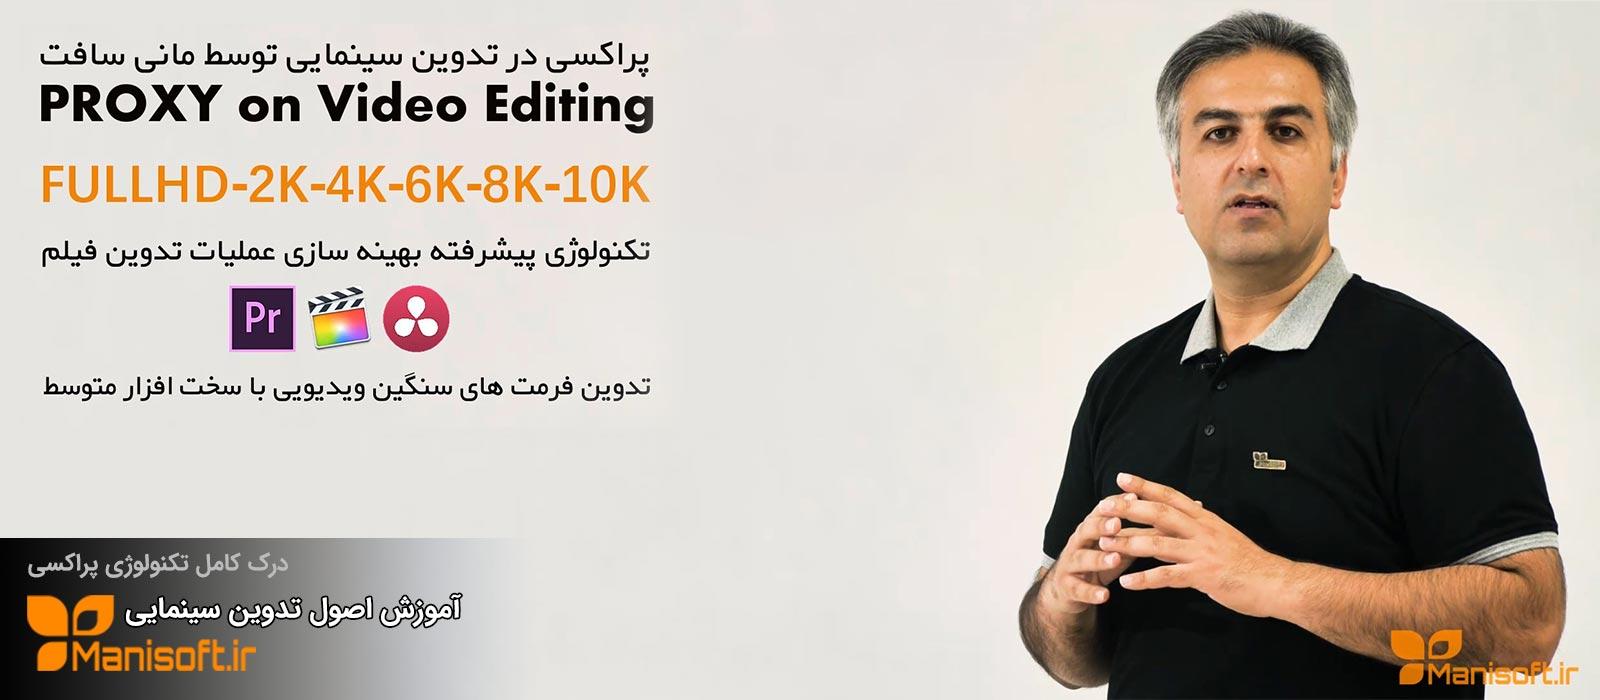 آموزش فارسی پریمیرپرو درک کامل پراکسی در تدوین فیلم